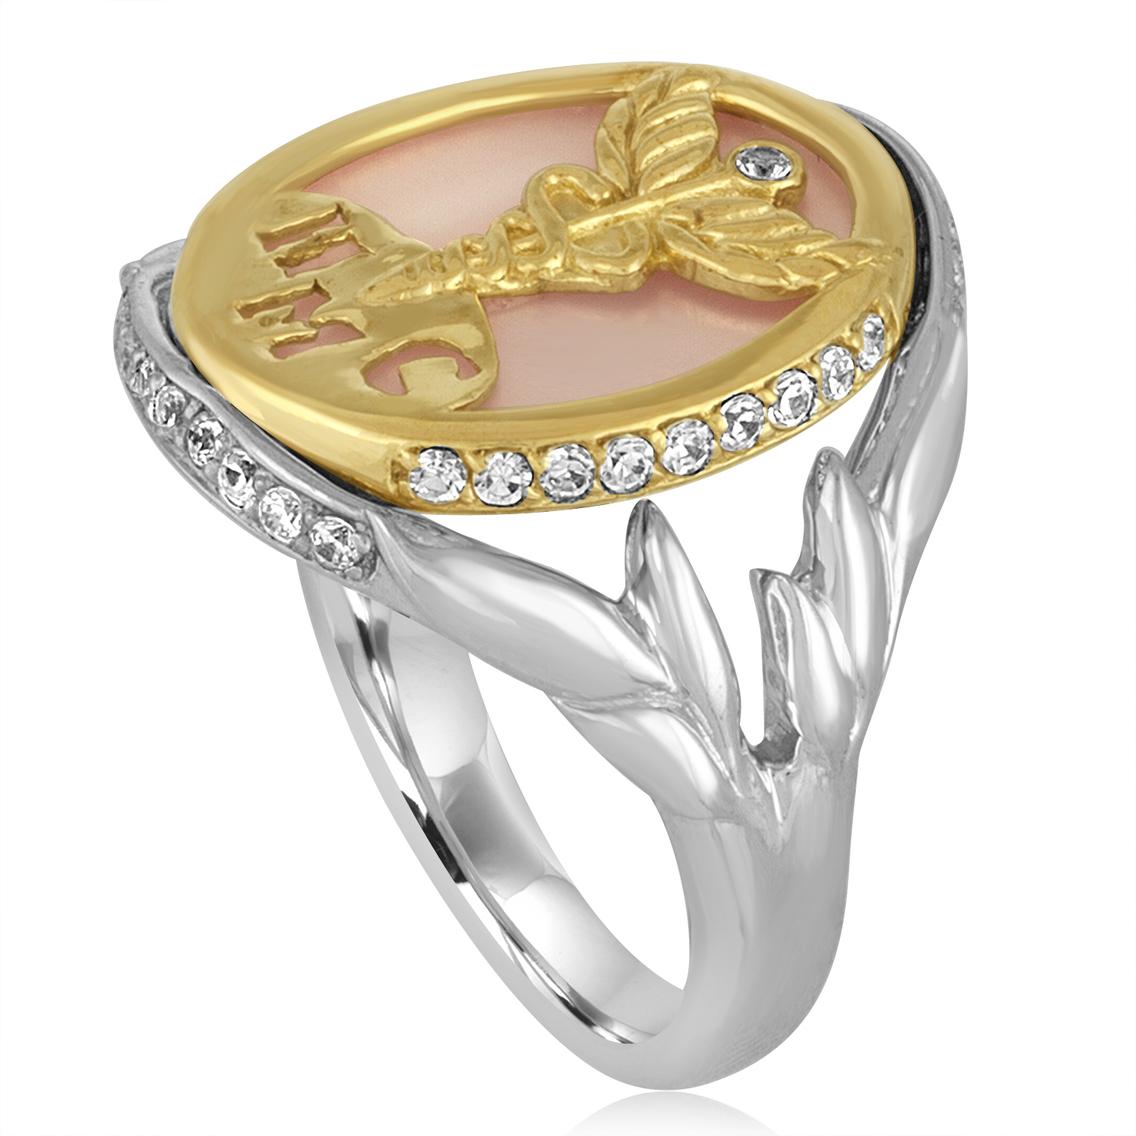 Denizard Jewels Inc. - Jewelry / Photography